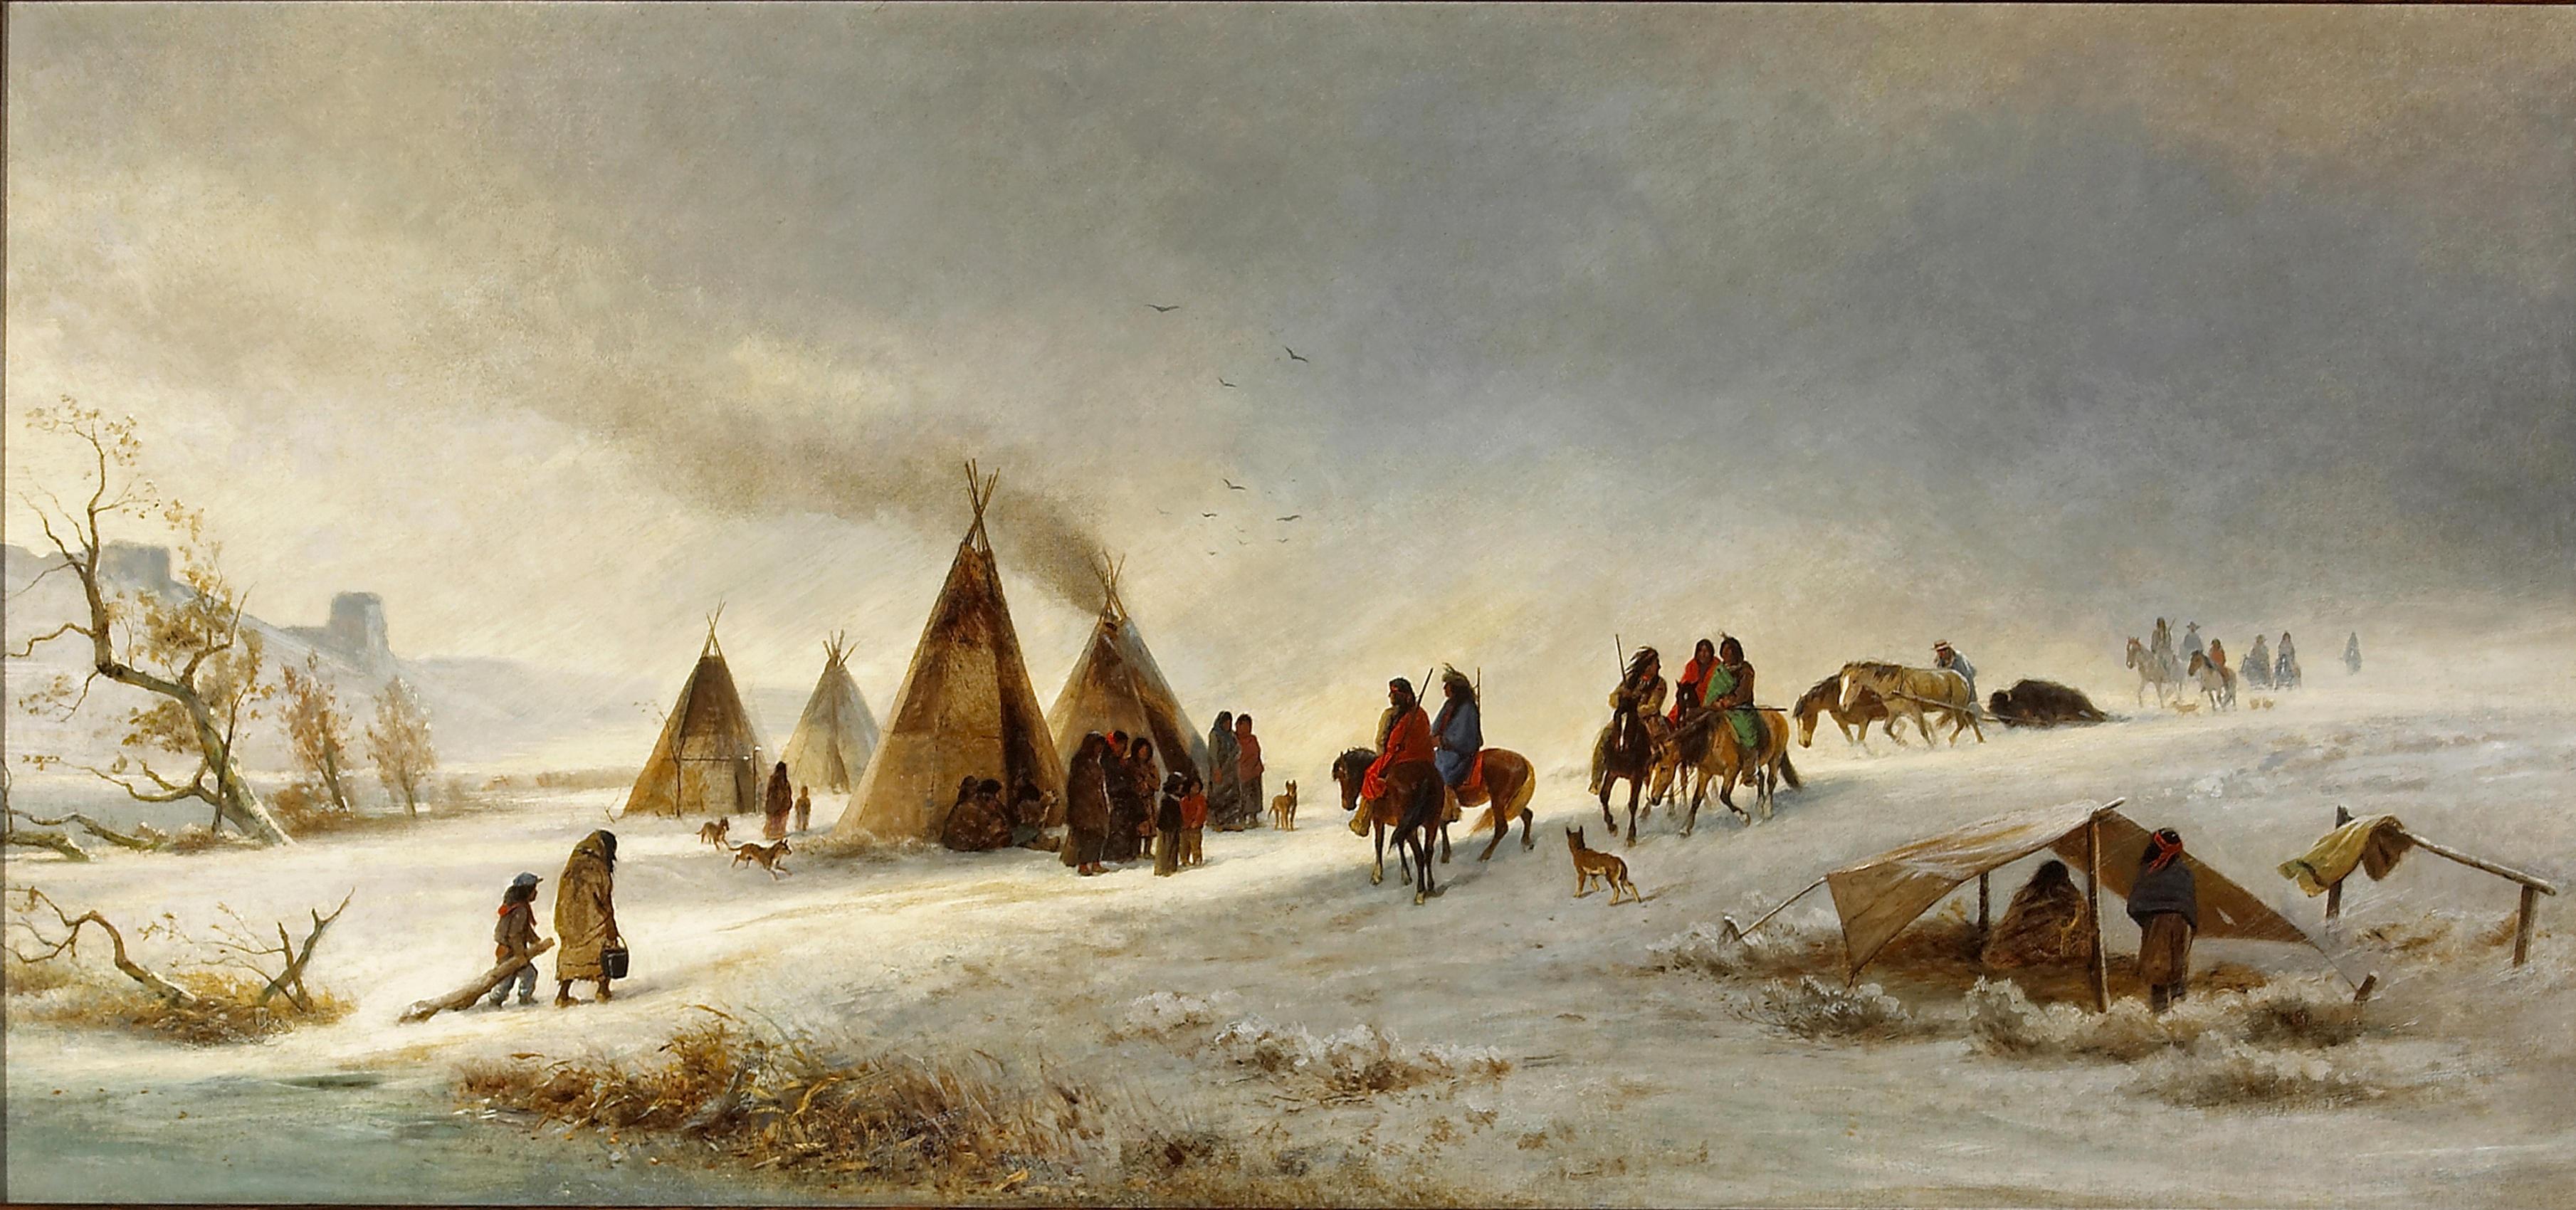 American West Oil Paintings